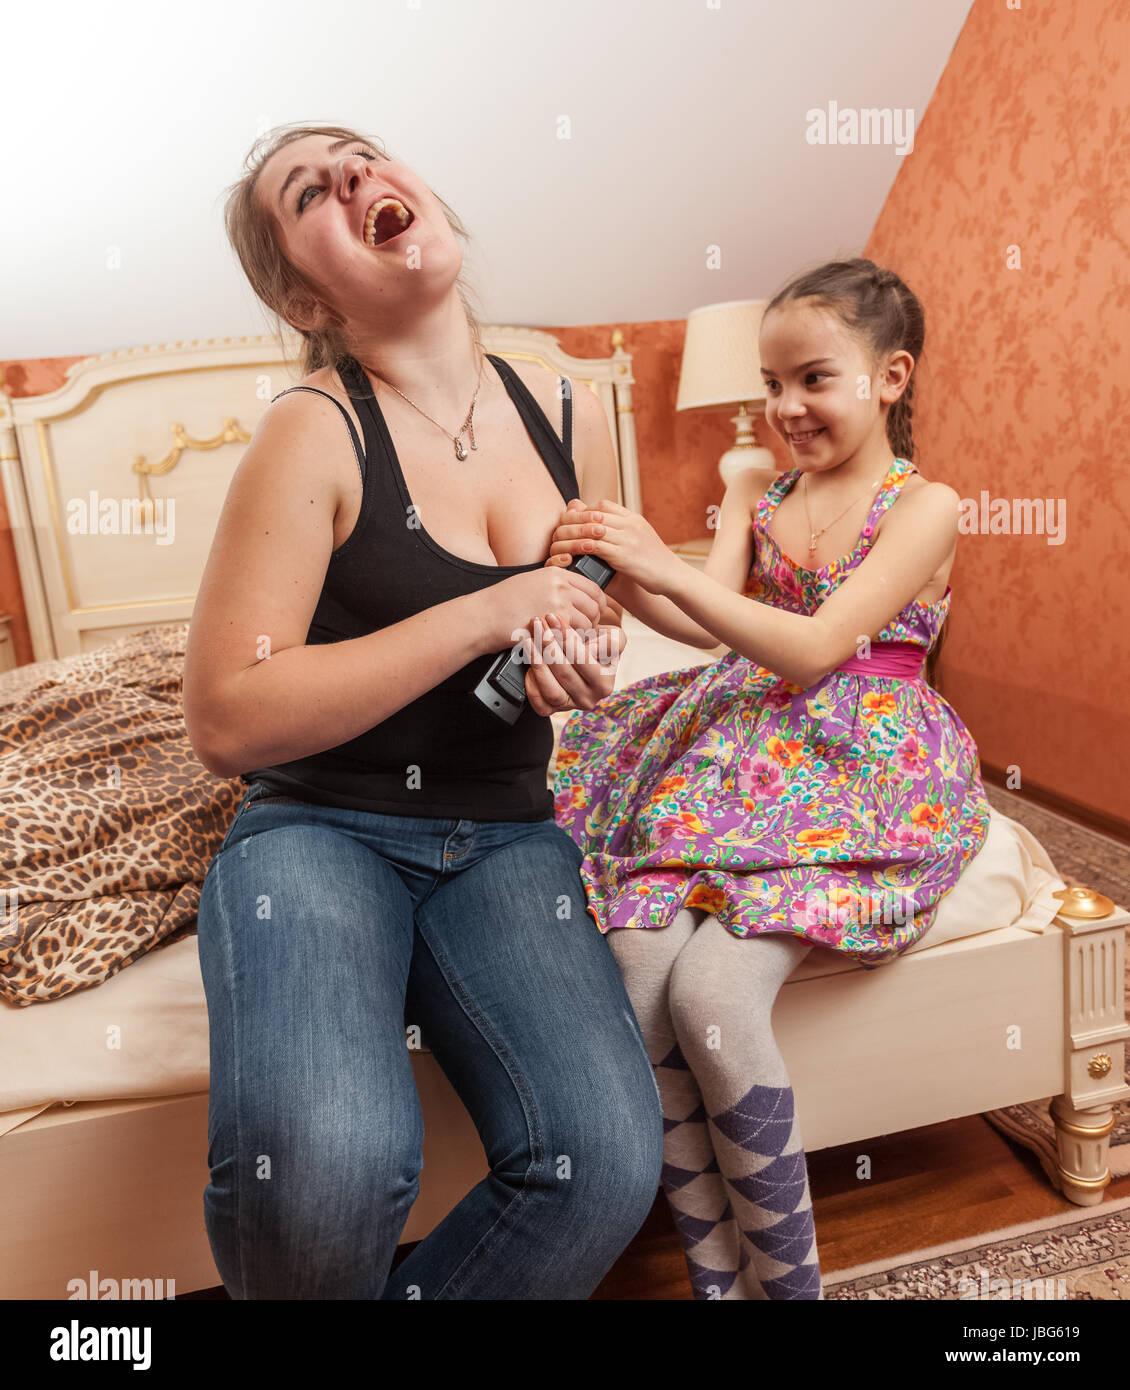 Retrato De Viejos Y Little Sister Que Lucha Por El Control Remoto De La Television